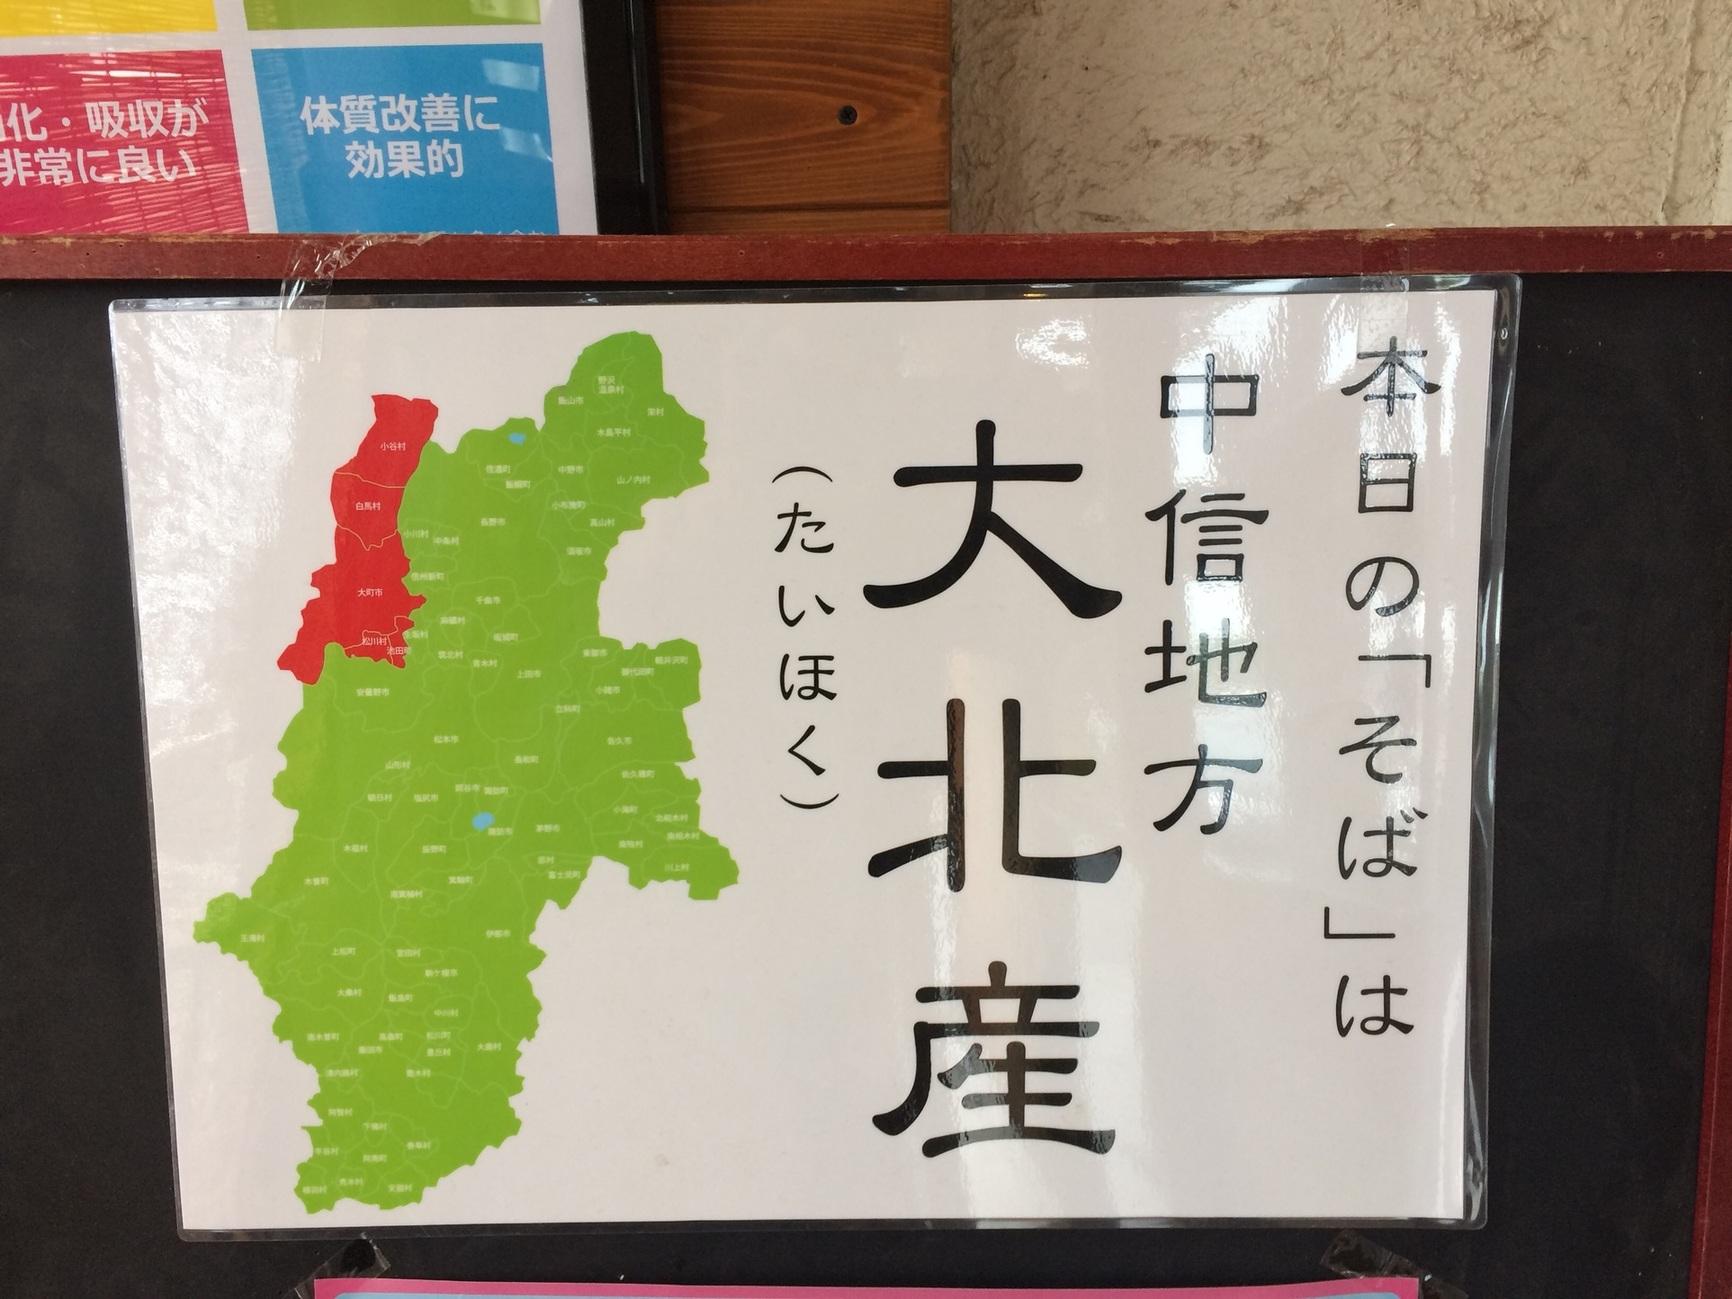 小木曽製粉所 name=